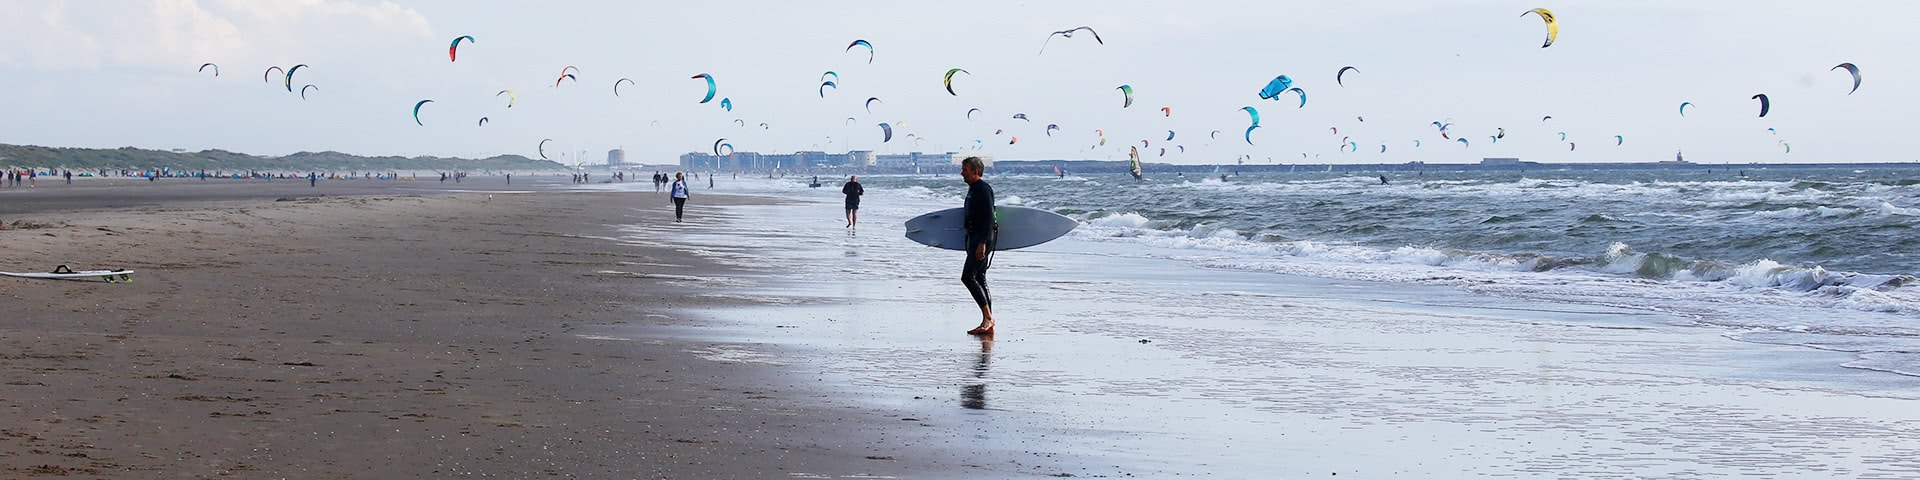 Kitesurfer am Strand von Wijk aan Zee